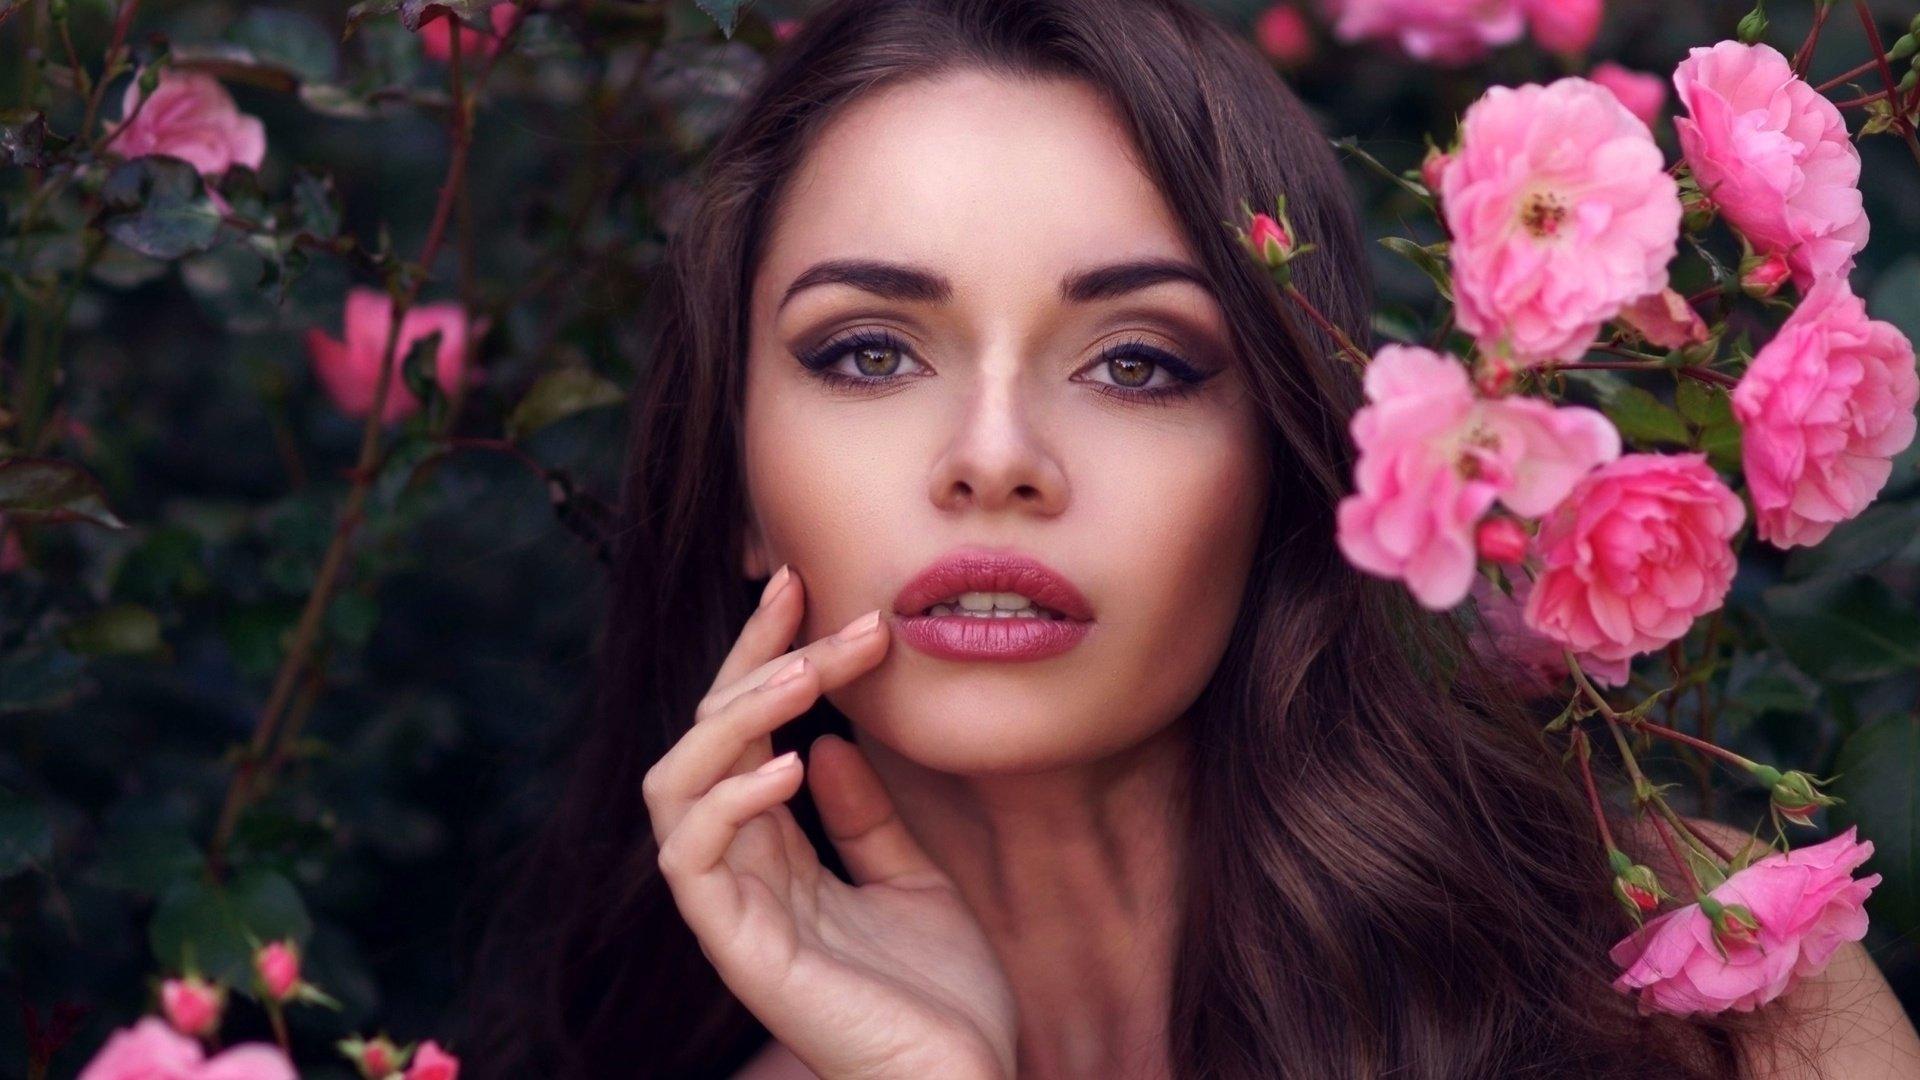 девушка лицо цветы розы природа трава без смс